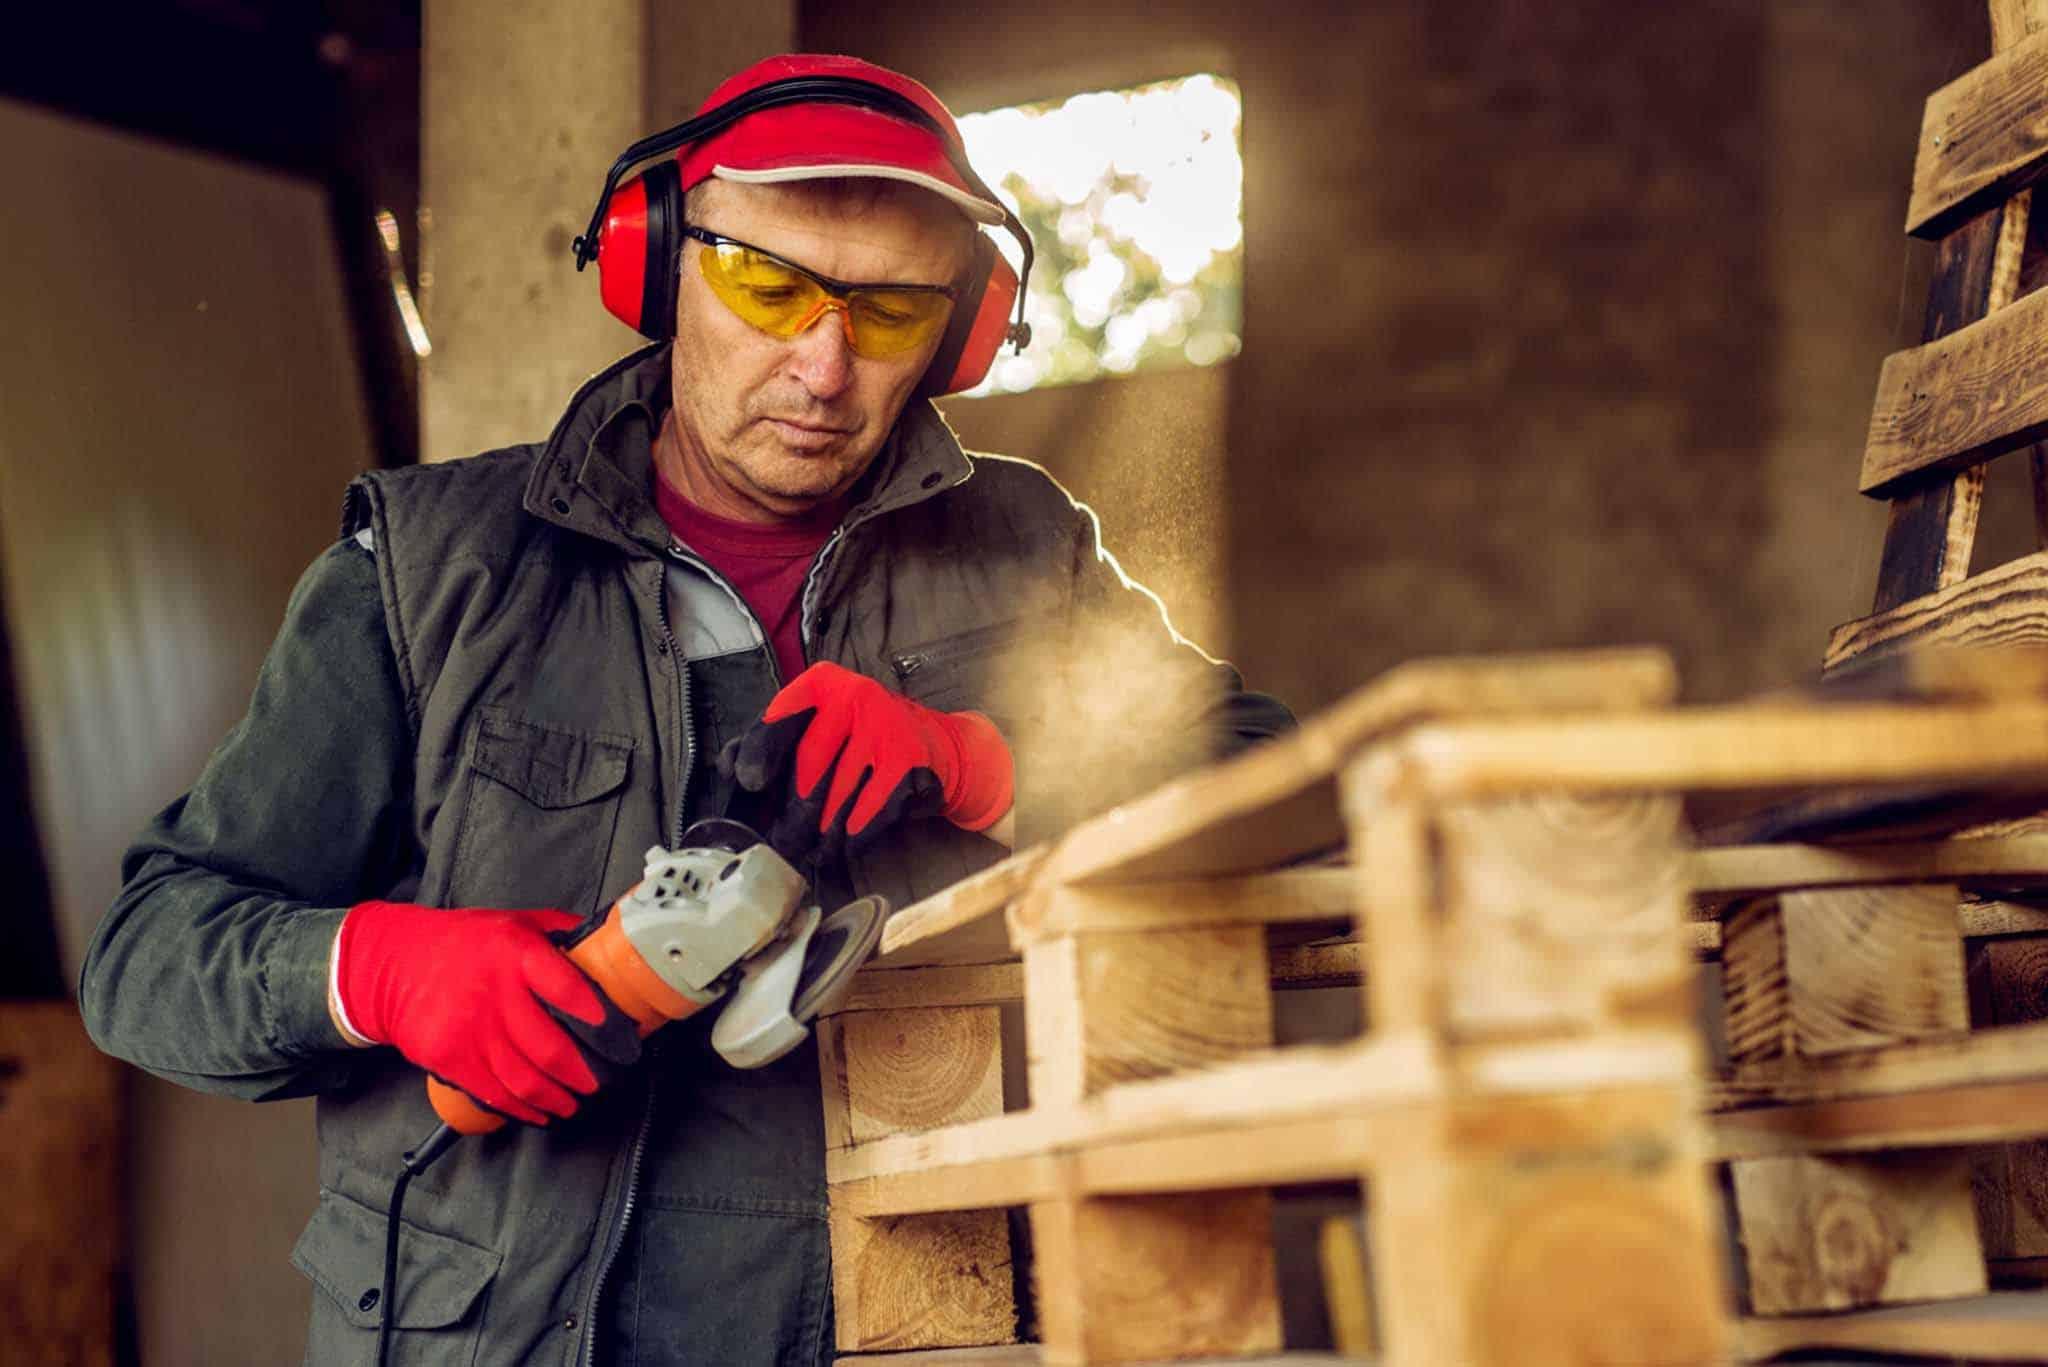 Poszukiwana osoba dopomocy przy produkcji palet drewnianych | HR KONO Outsourcing